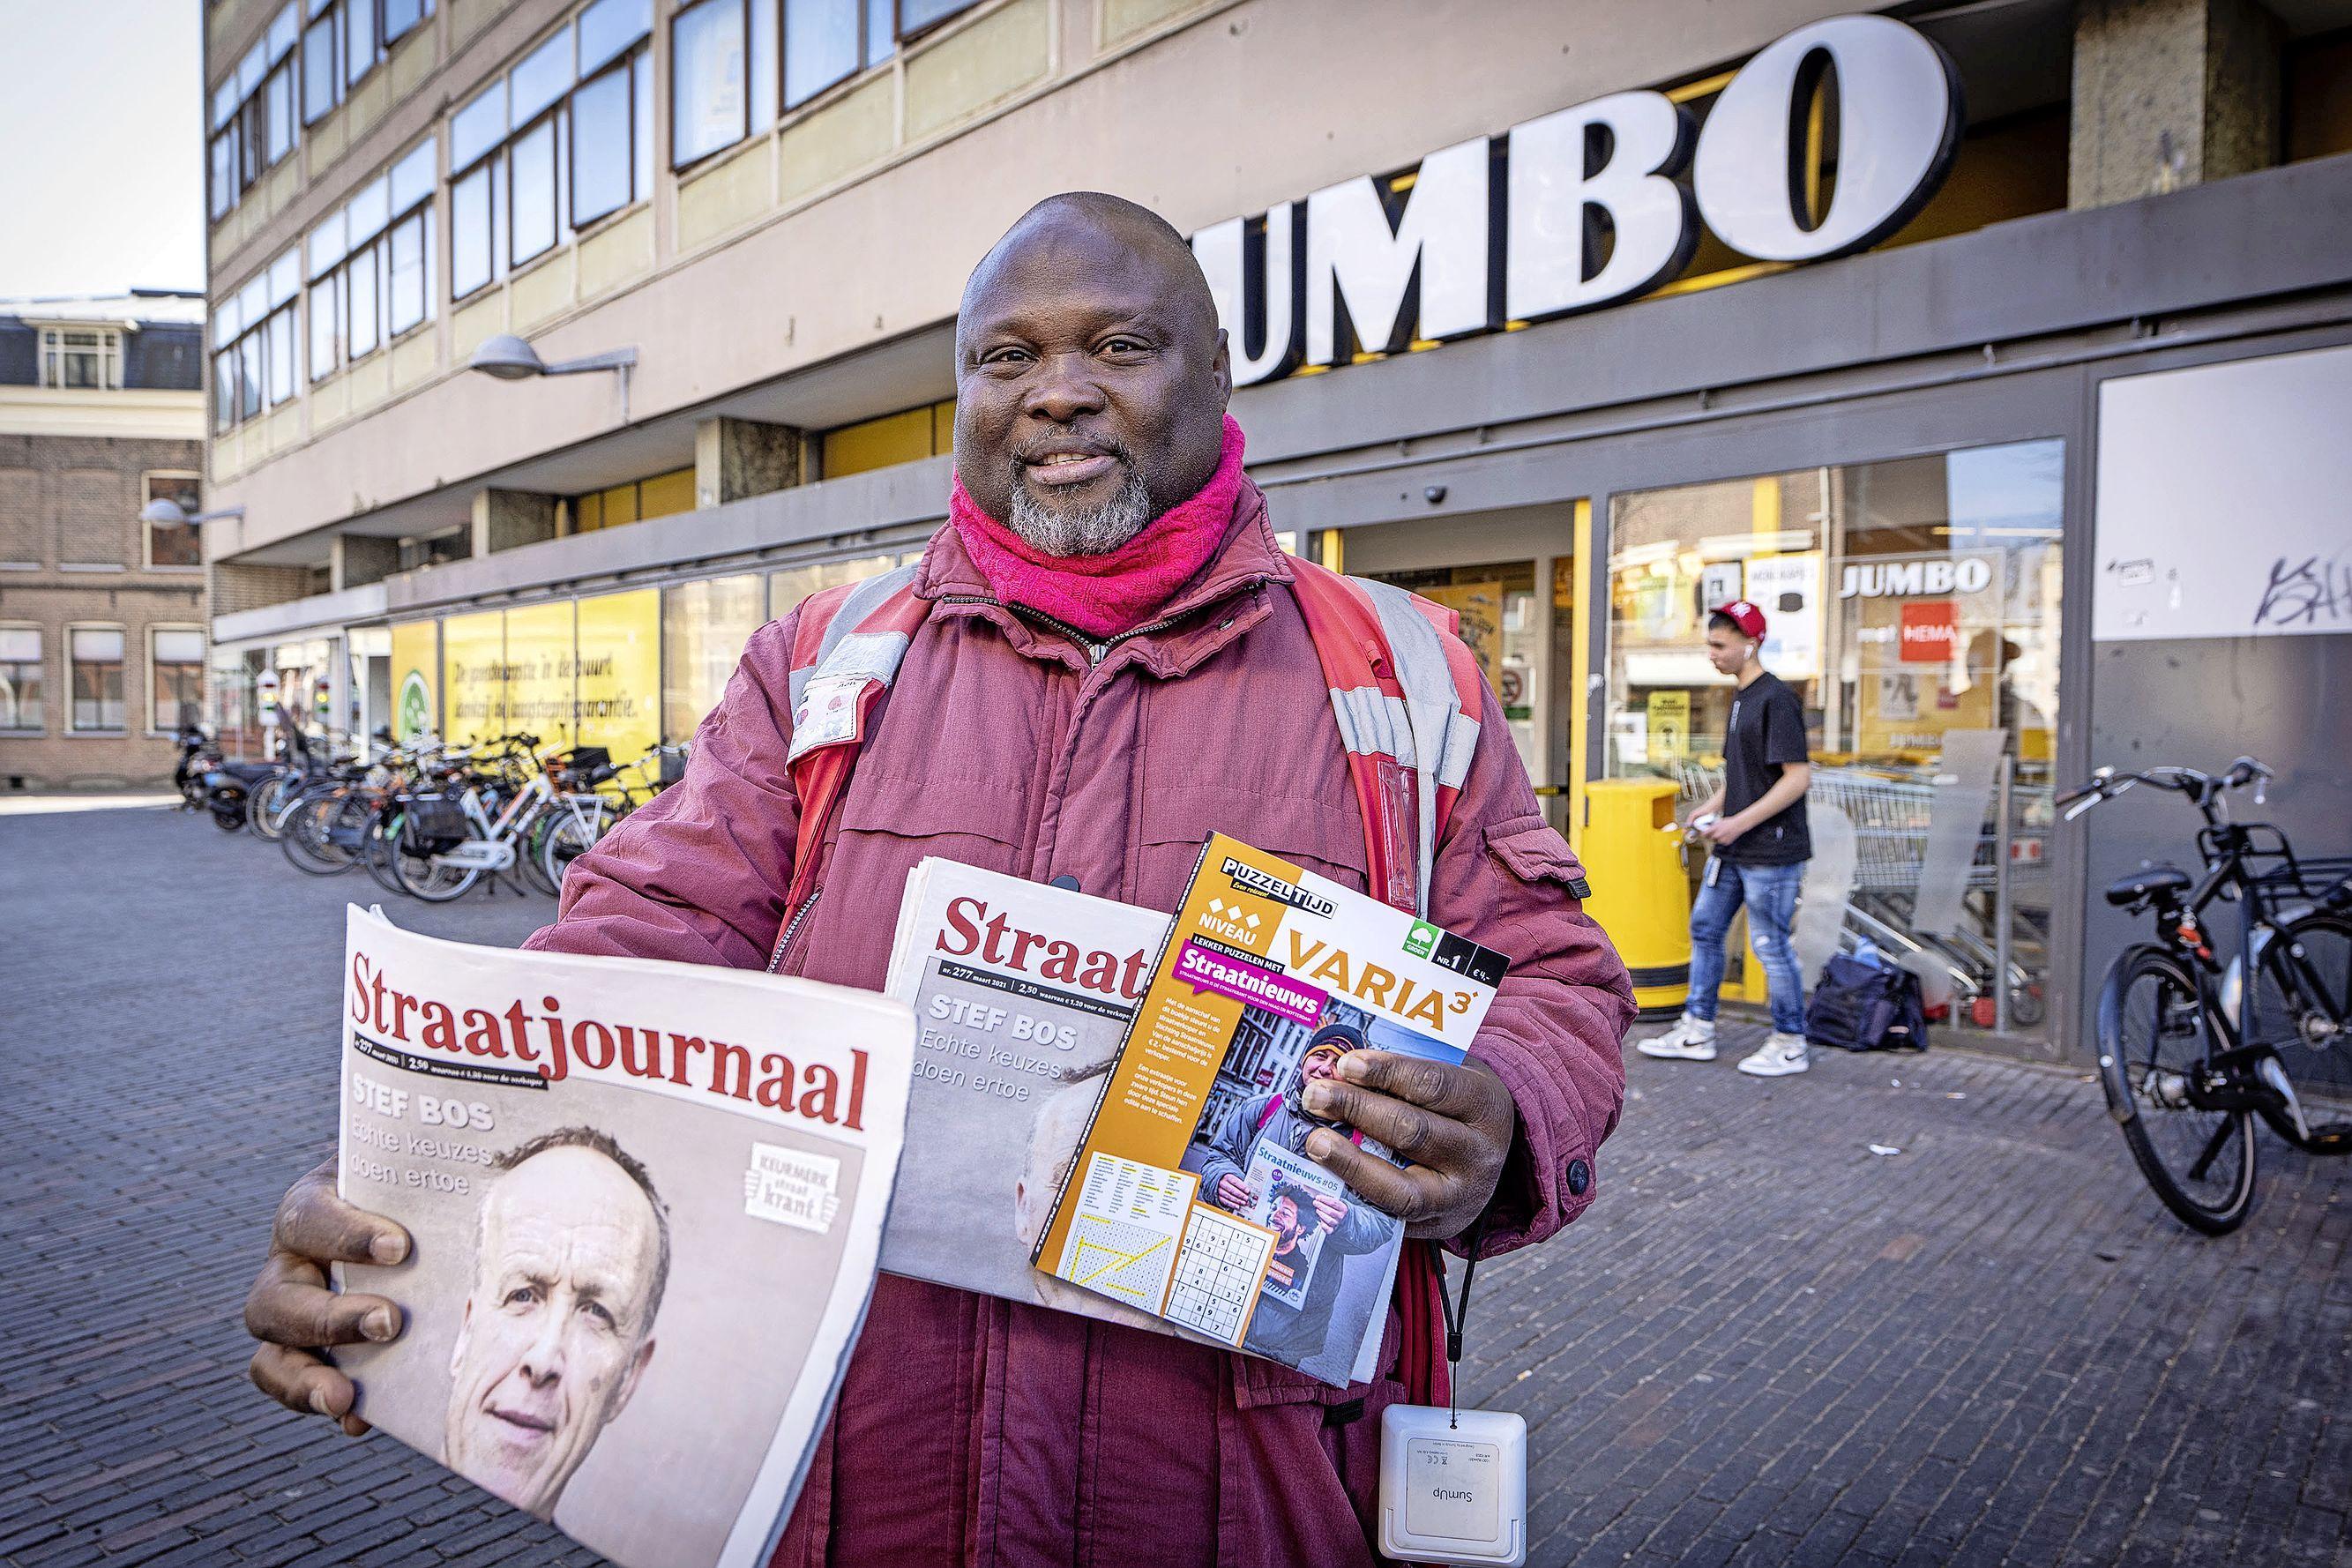 Studenten zijn geraakt door verhaal van Straatjournaalverkoper Victor Okoro en zamelen 15.000 euro in: 'Zijn verhaal brak mijn hart echt'